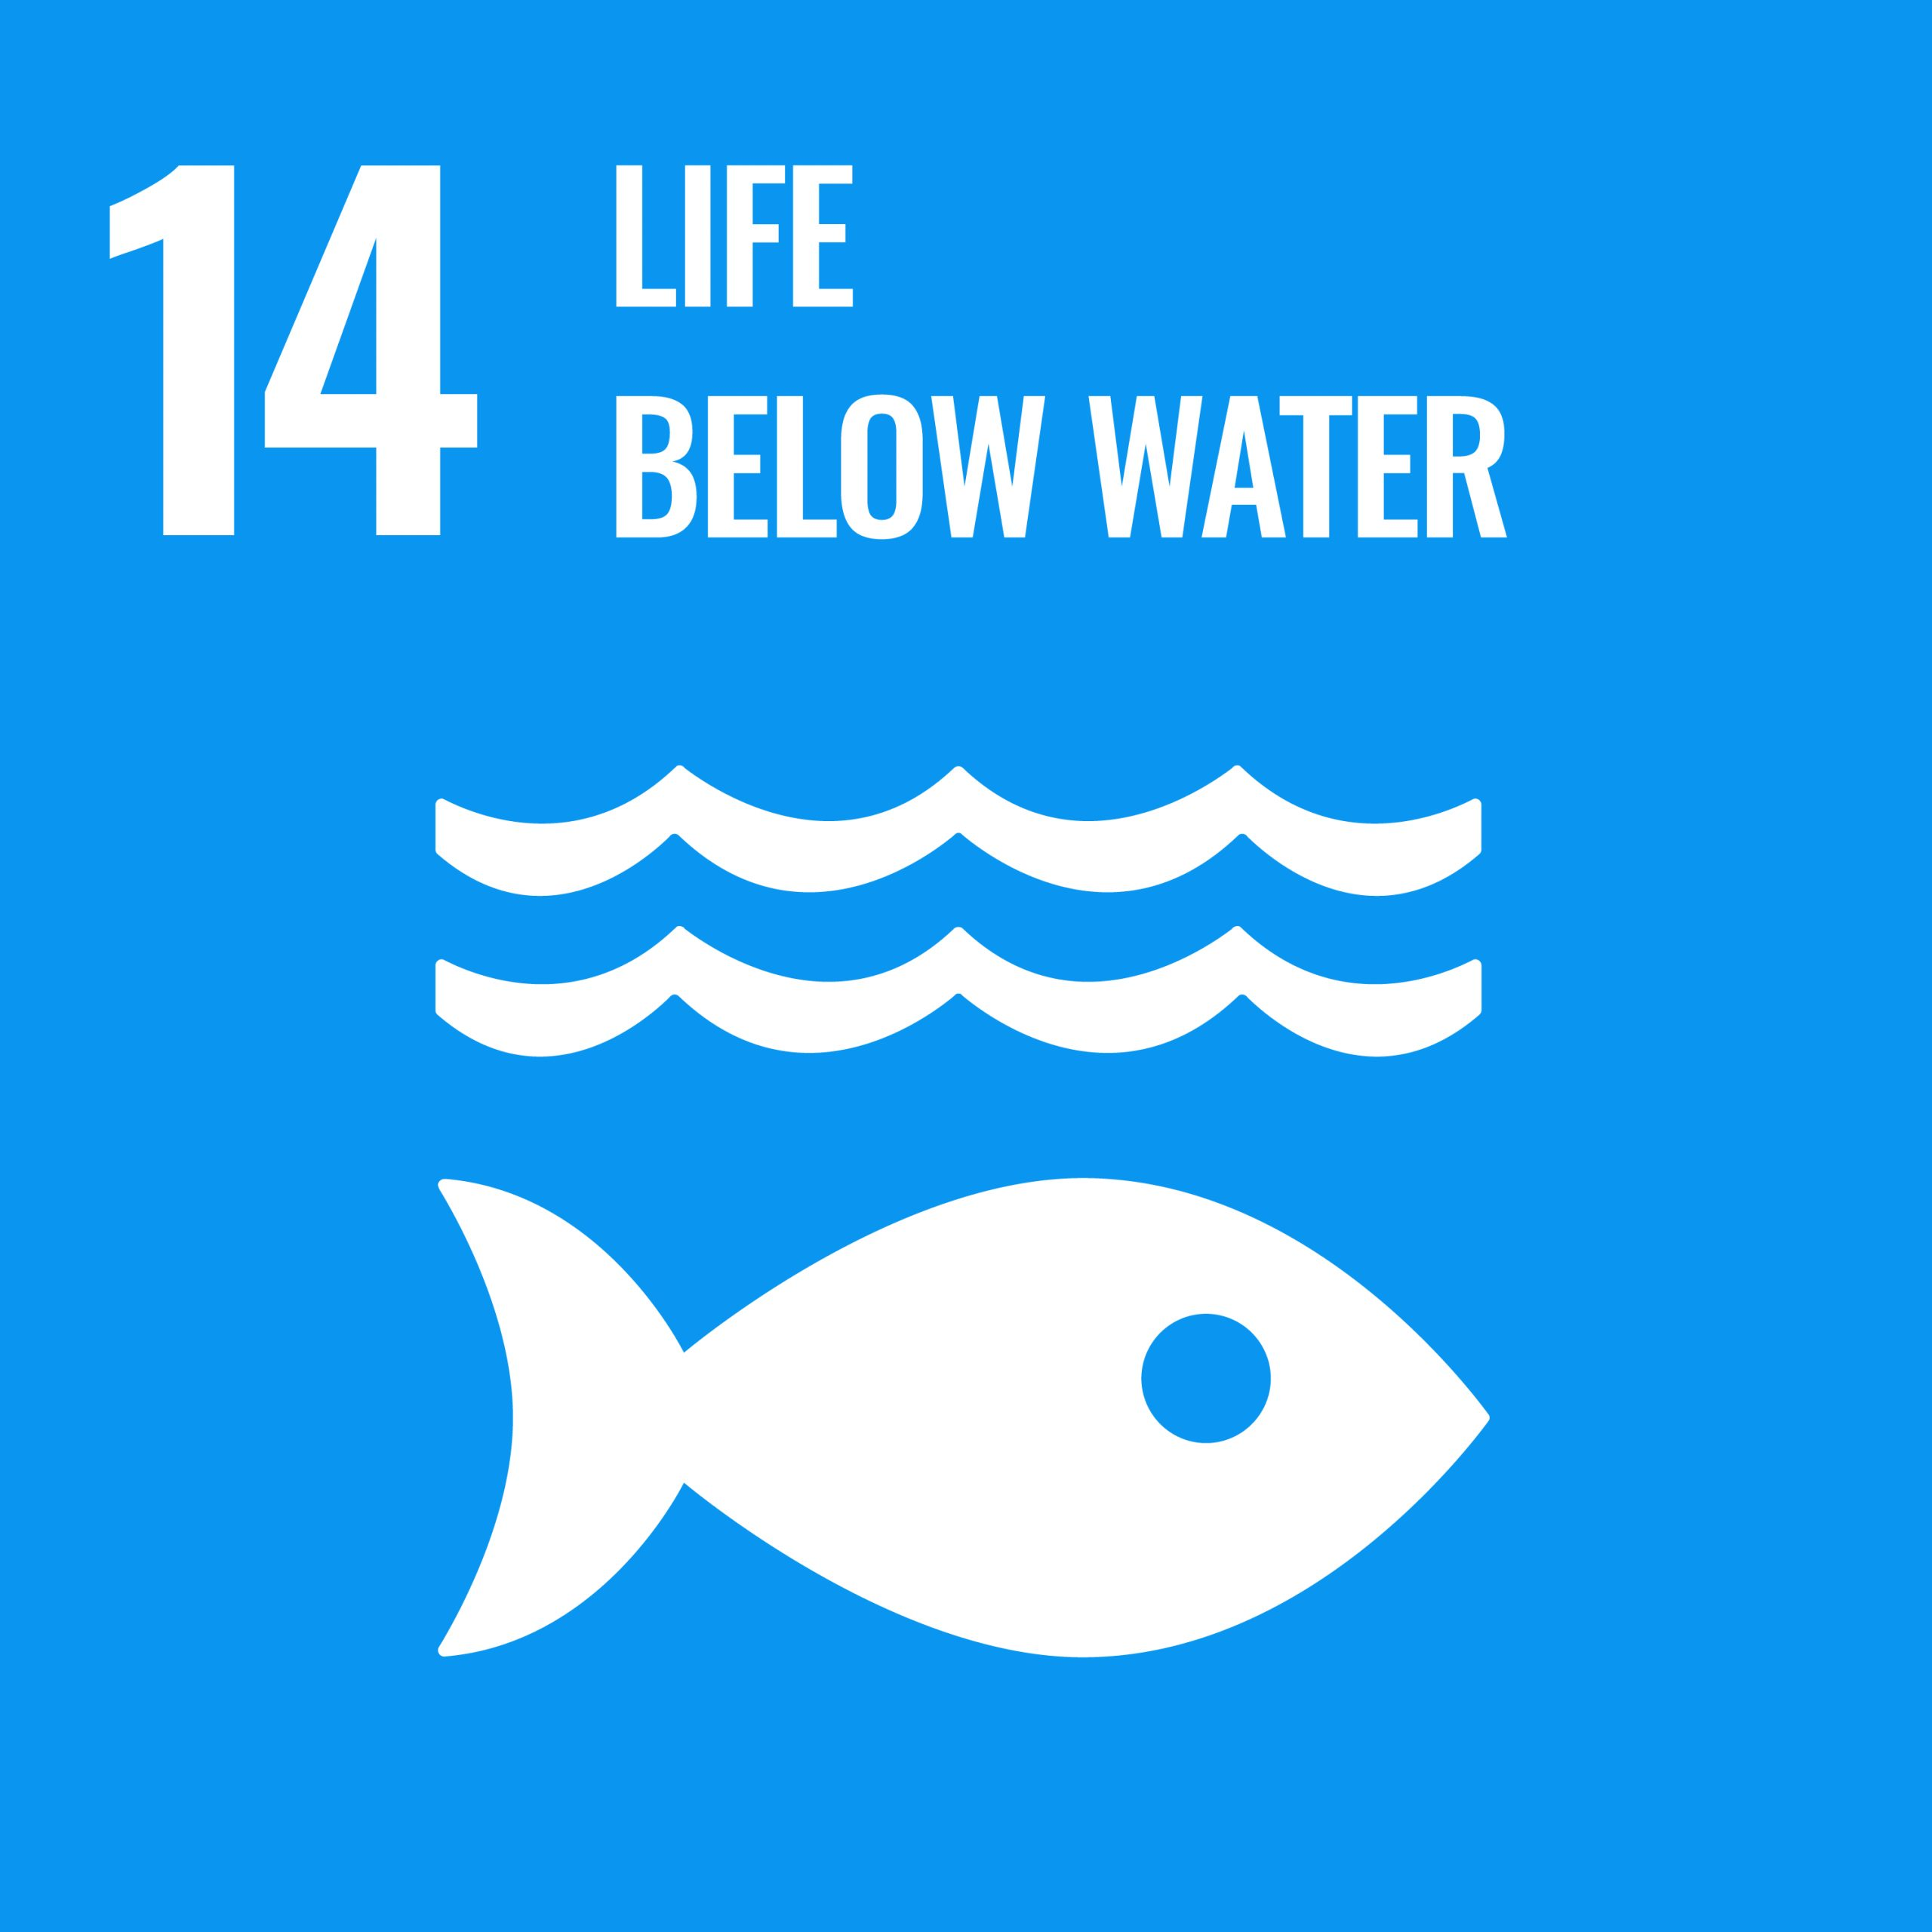 Life below water - SDG 14